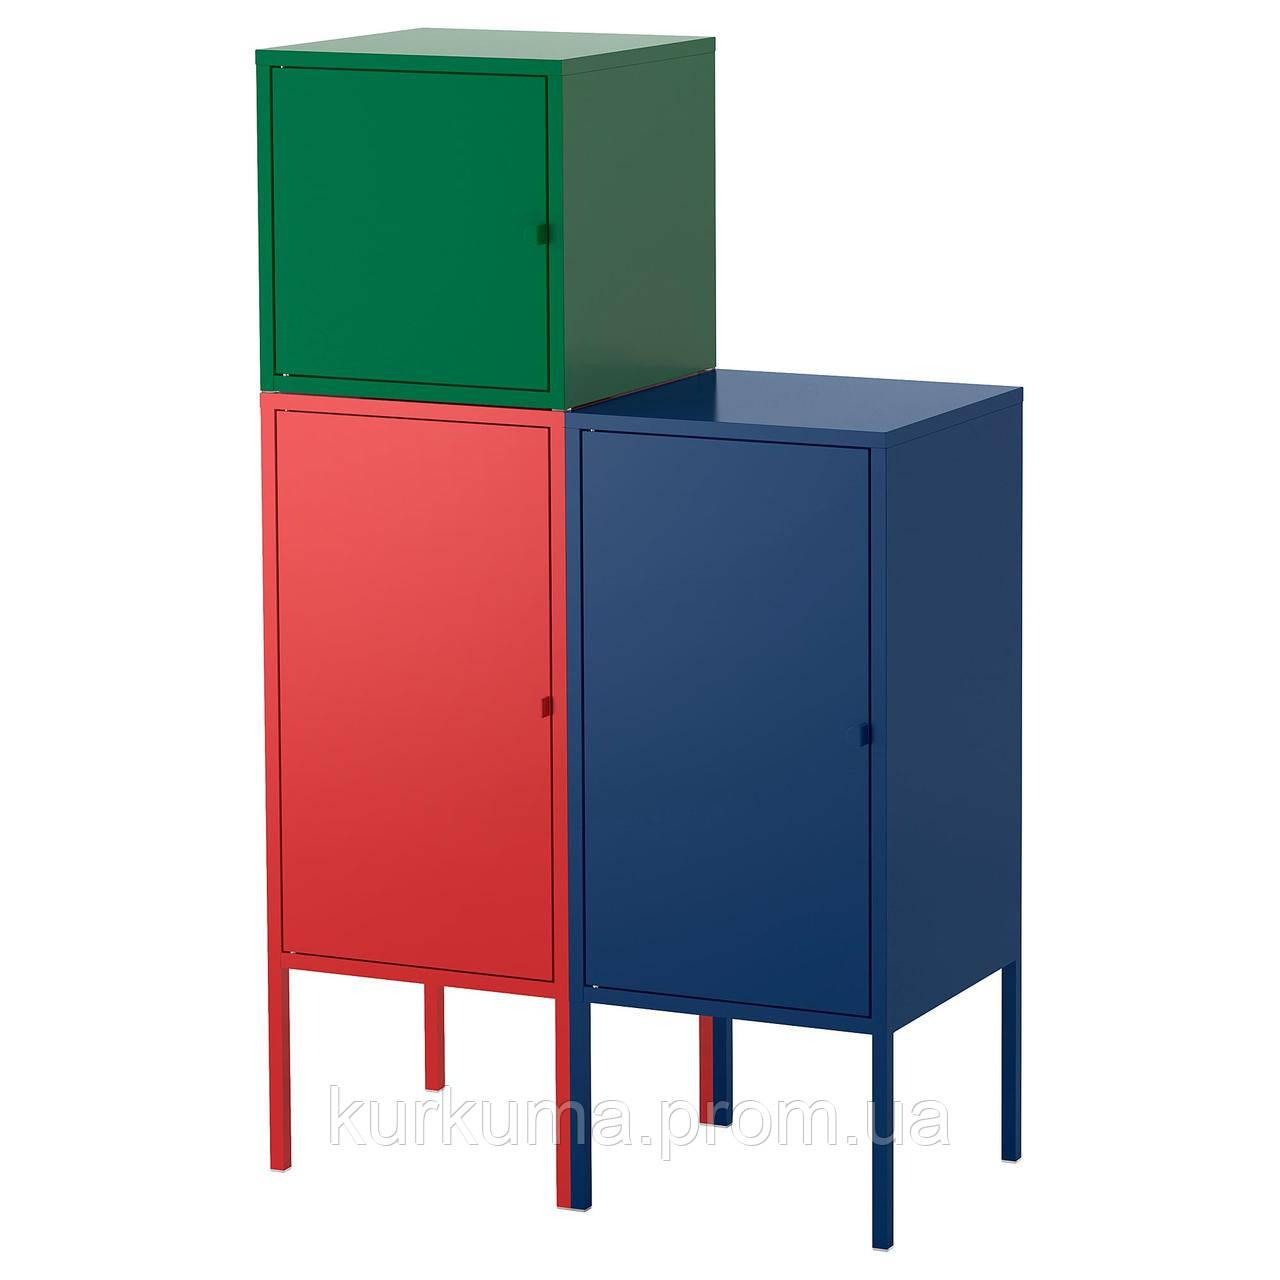 IKEA LIXHULT Шкаф, красный военно-морской флот, темно-зеленый  (292.486.80)